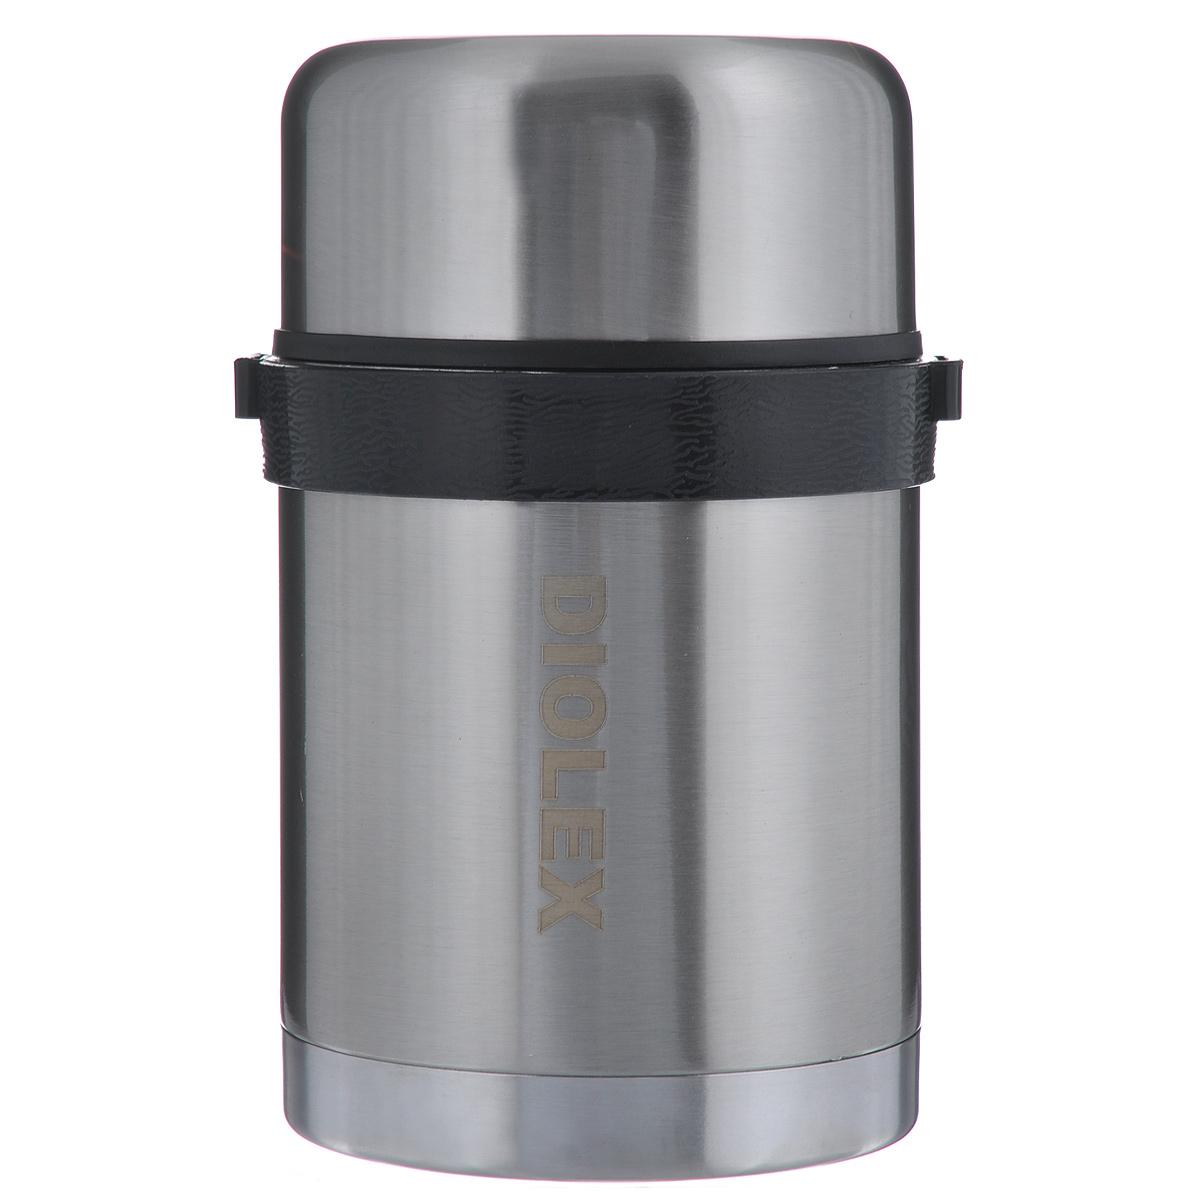 Термос Diolex, 0,8 л. DXF-800-1DXF-800-1Термос Diolex изготовлен из высококачественной нержавеющей стали. Он имеет небьющуюся двойную внутреннюю колбу и изолированную крышку. Съемный ремешок для переноски делает использование термоса легким и удобным. Термос сохраняет напитки и продукты горячими в течение 12 часов, а холодными в течение 24 часов. Легкий и прочный термос Diolex идеально подойдет для транспортировки и путешествий. Высота термоса (с учетом крышки): 18 см. Диаметр основания: 10 см. Объем термоса: 0,8 л. Материал: нержавеющая сталь, пластик, текстиль.